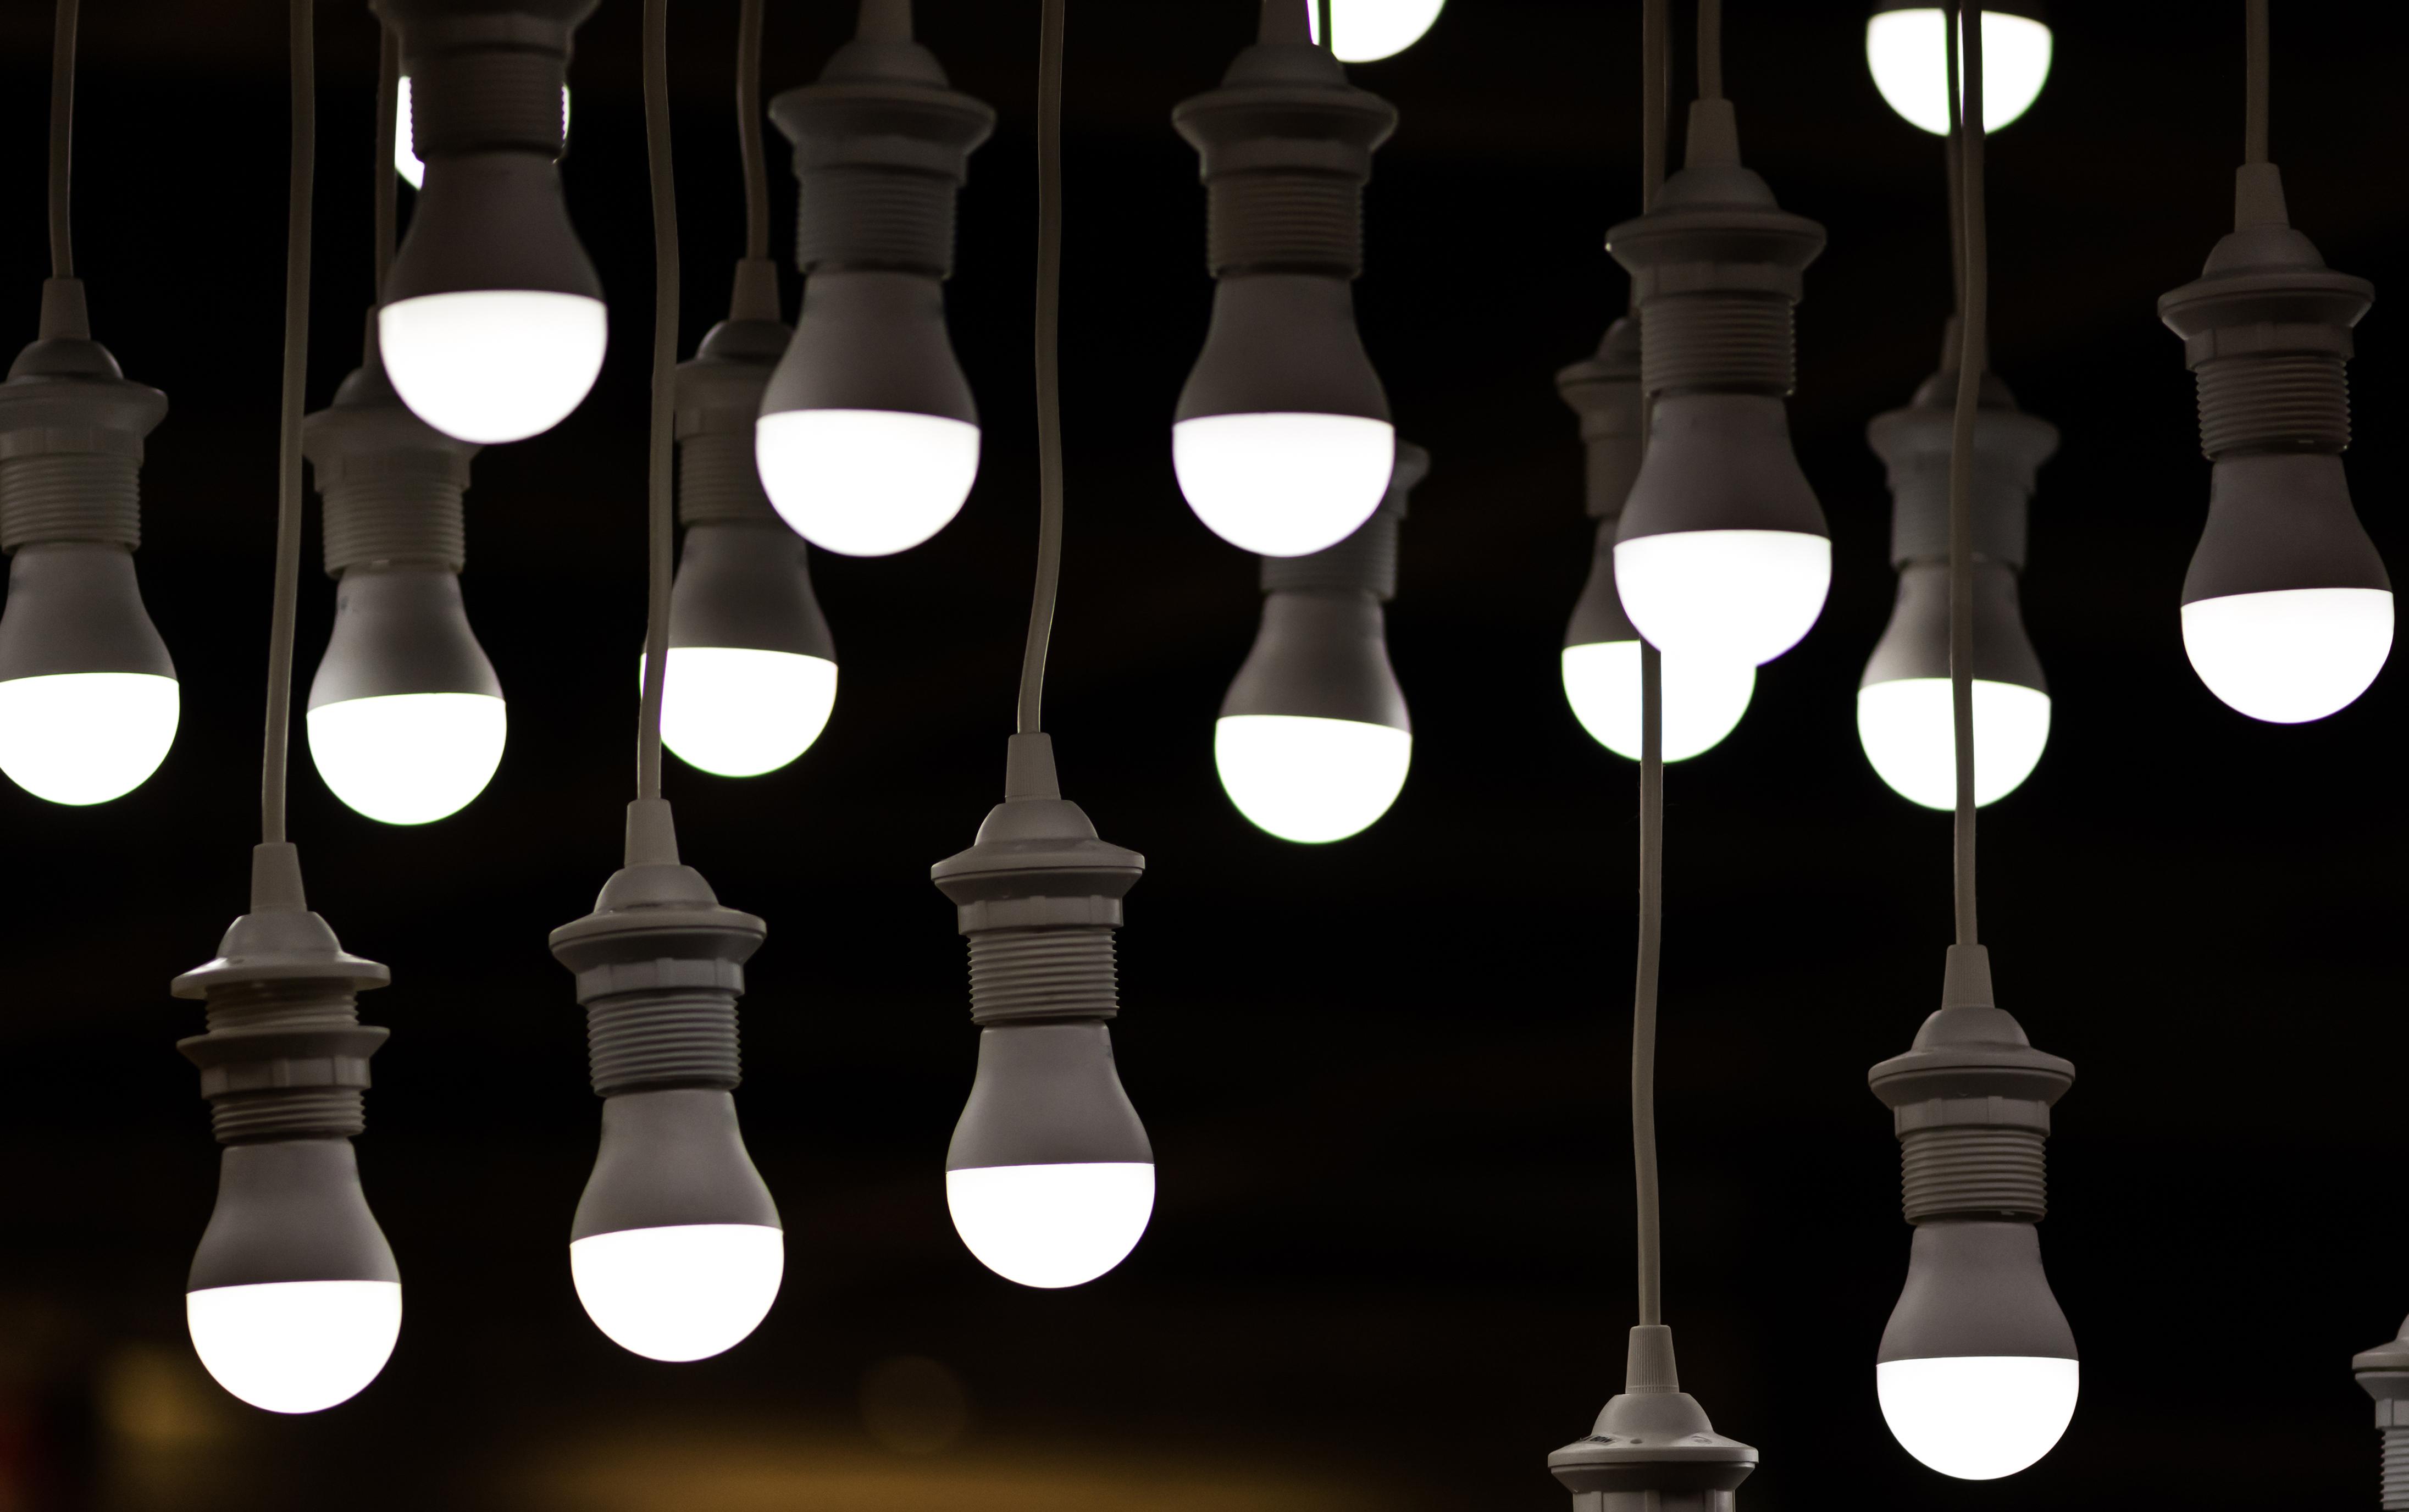 Oszczędności wynikające z oświetlenia LED